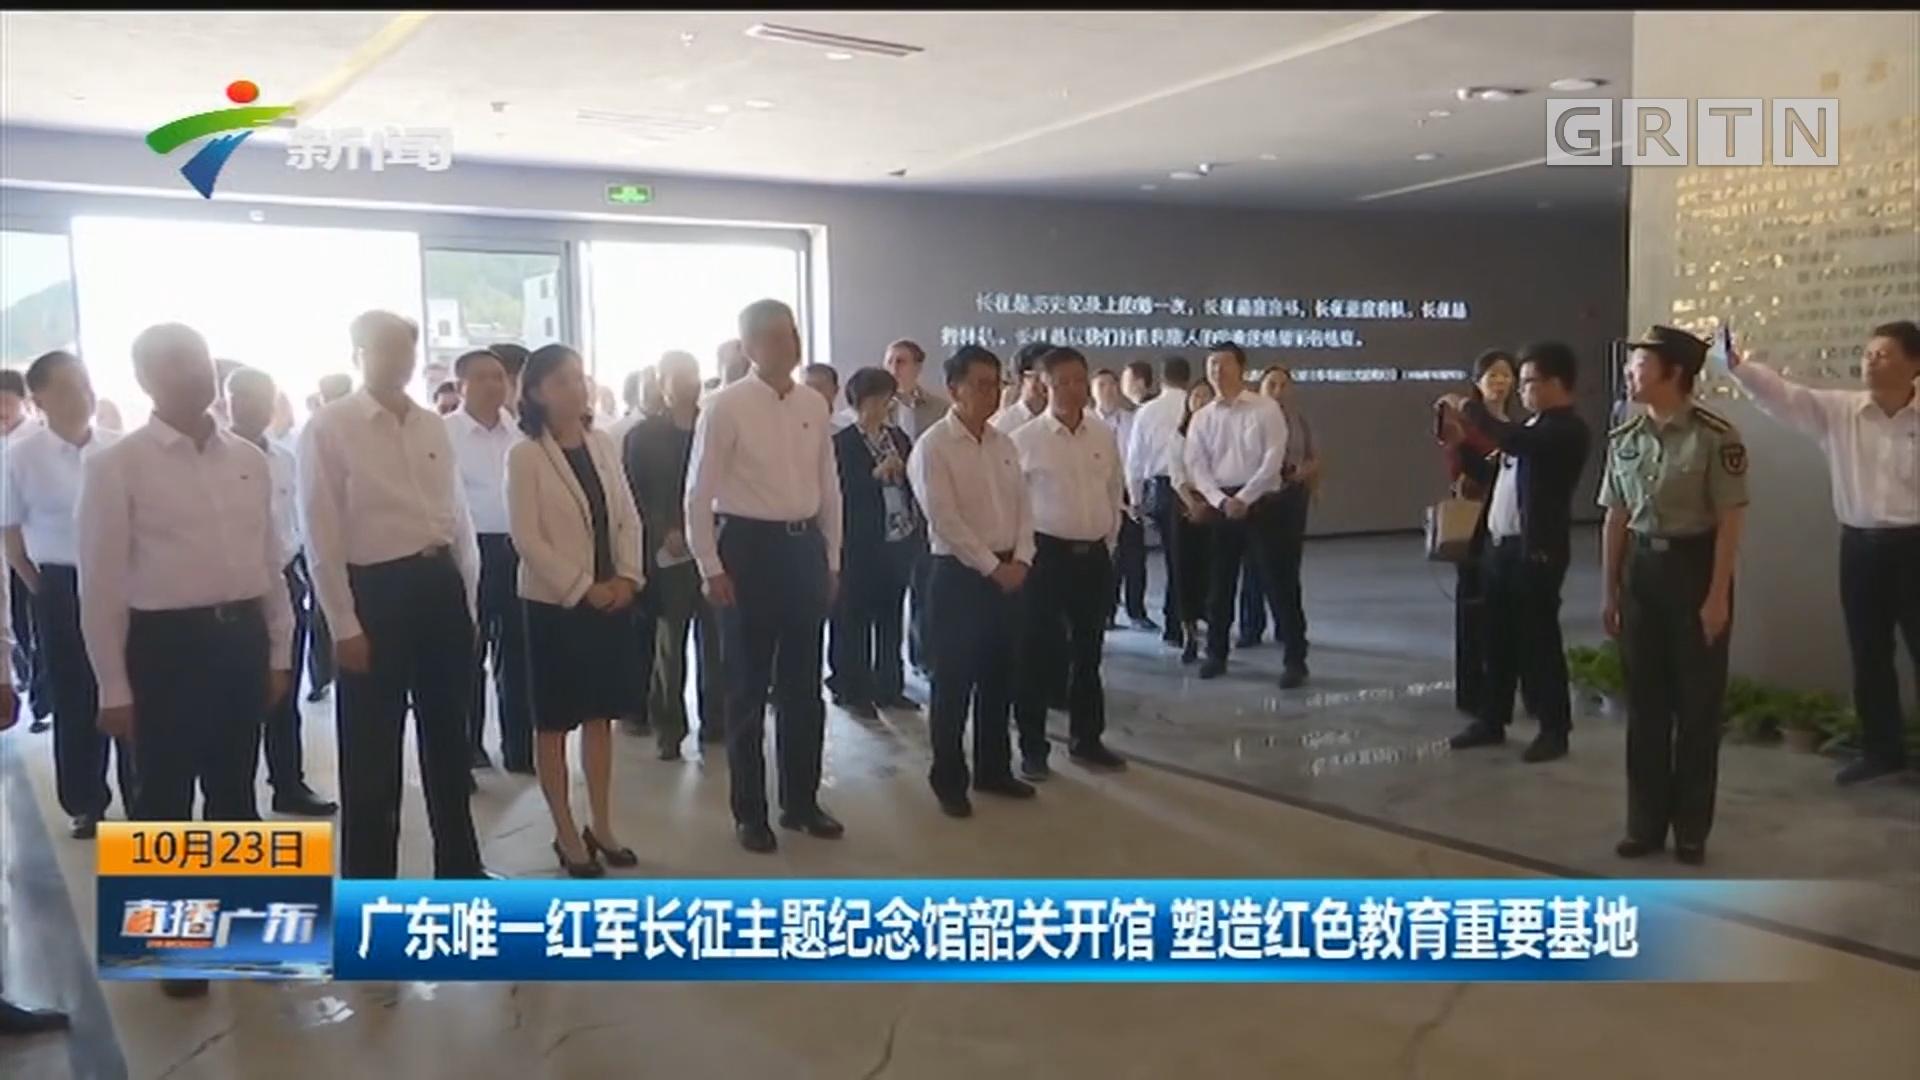 广东唯一红军长征主题纪念馆韶关开馆 塑造红色教育重要基地